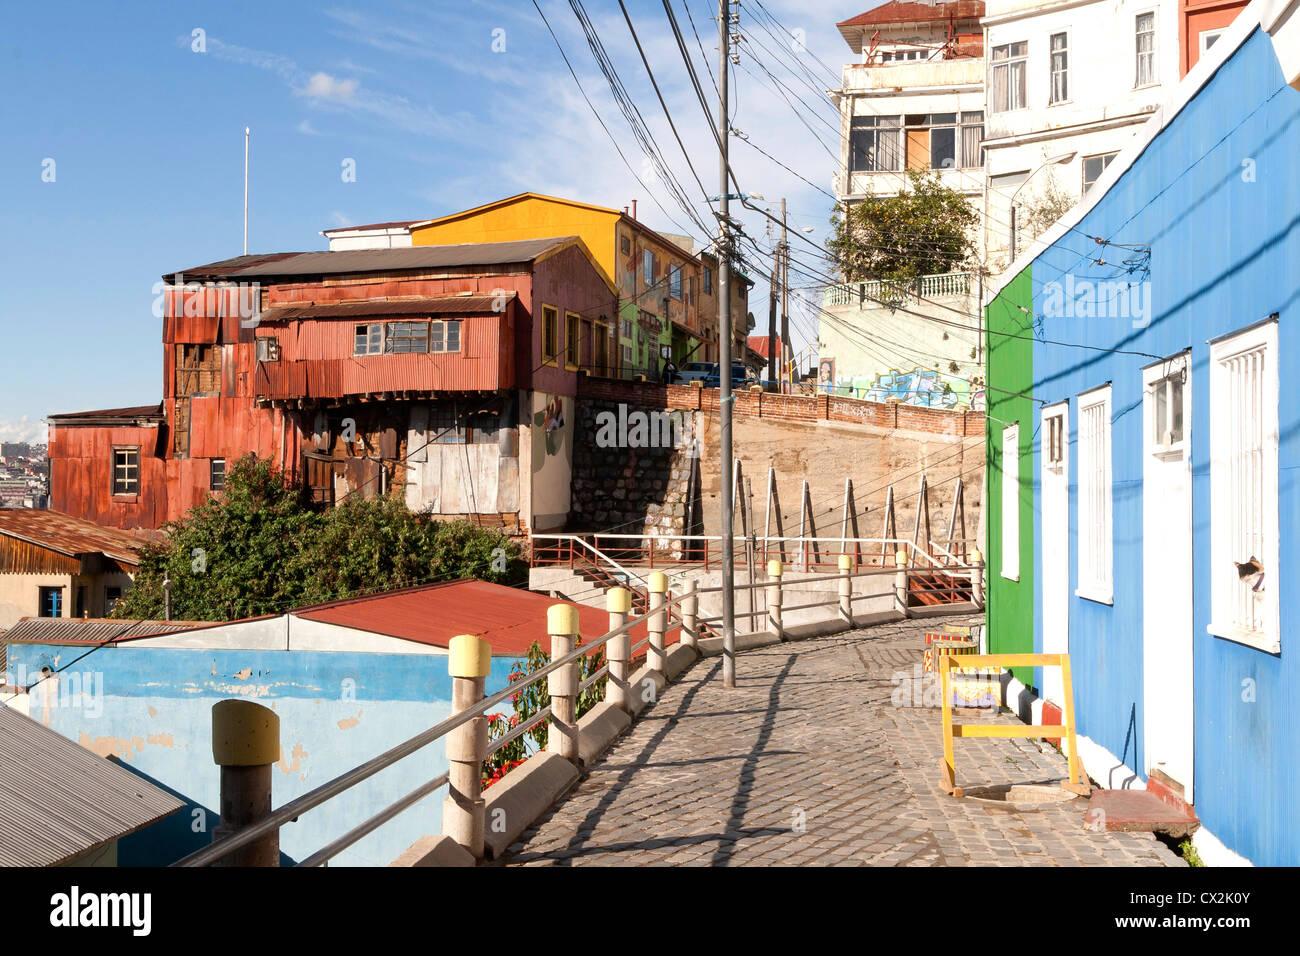 Cerro Bellavista vista, Valparaiso, Cile (testa di gatto fuori della finestra a destra) Immagini Stock